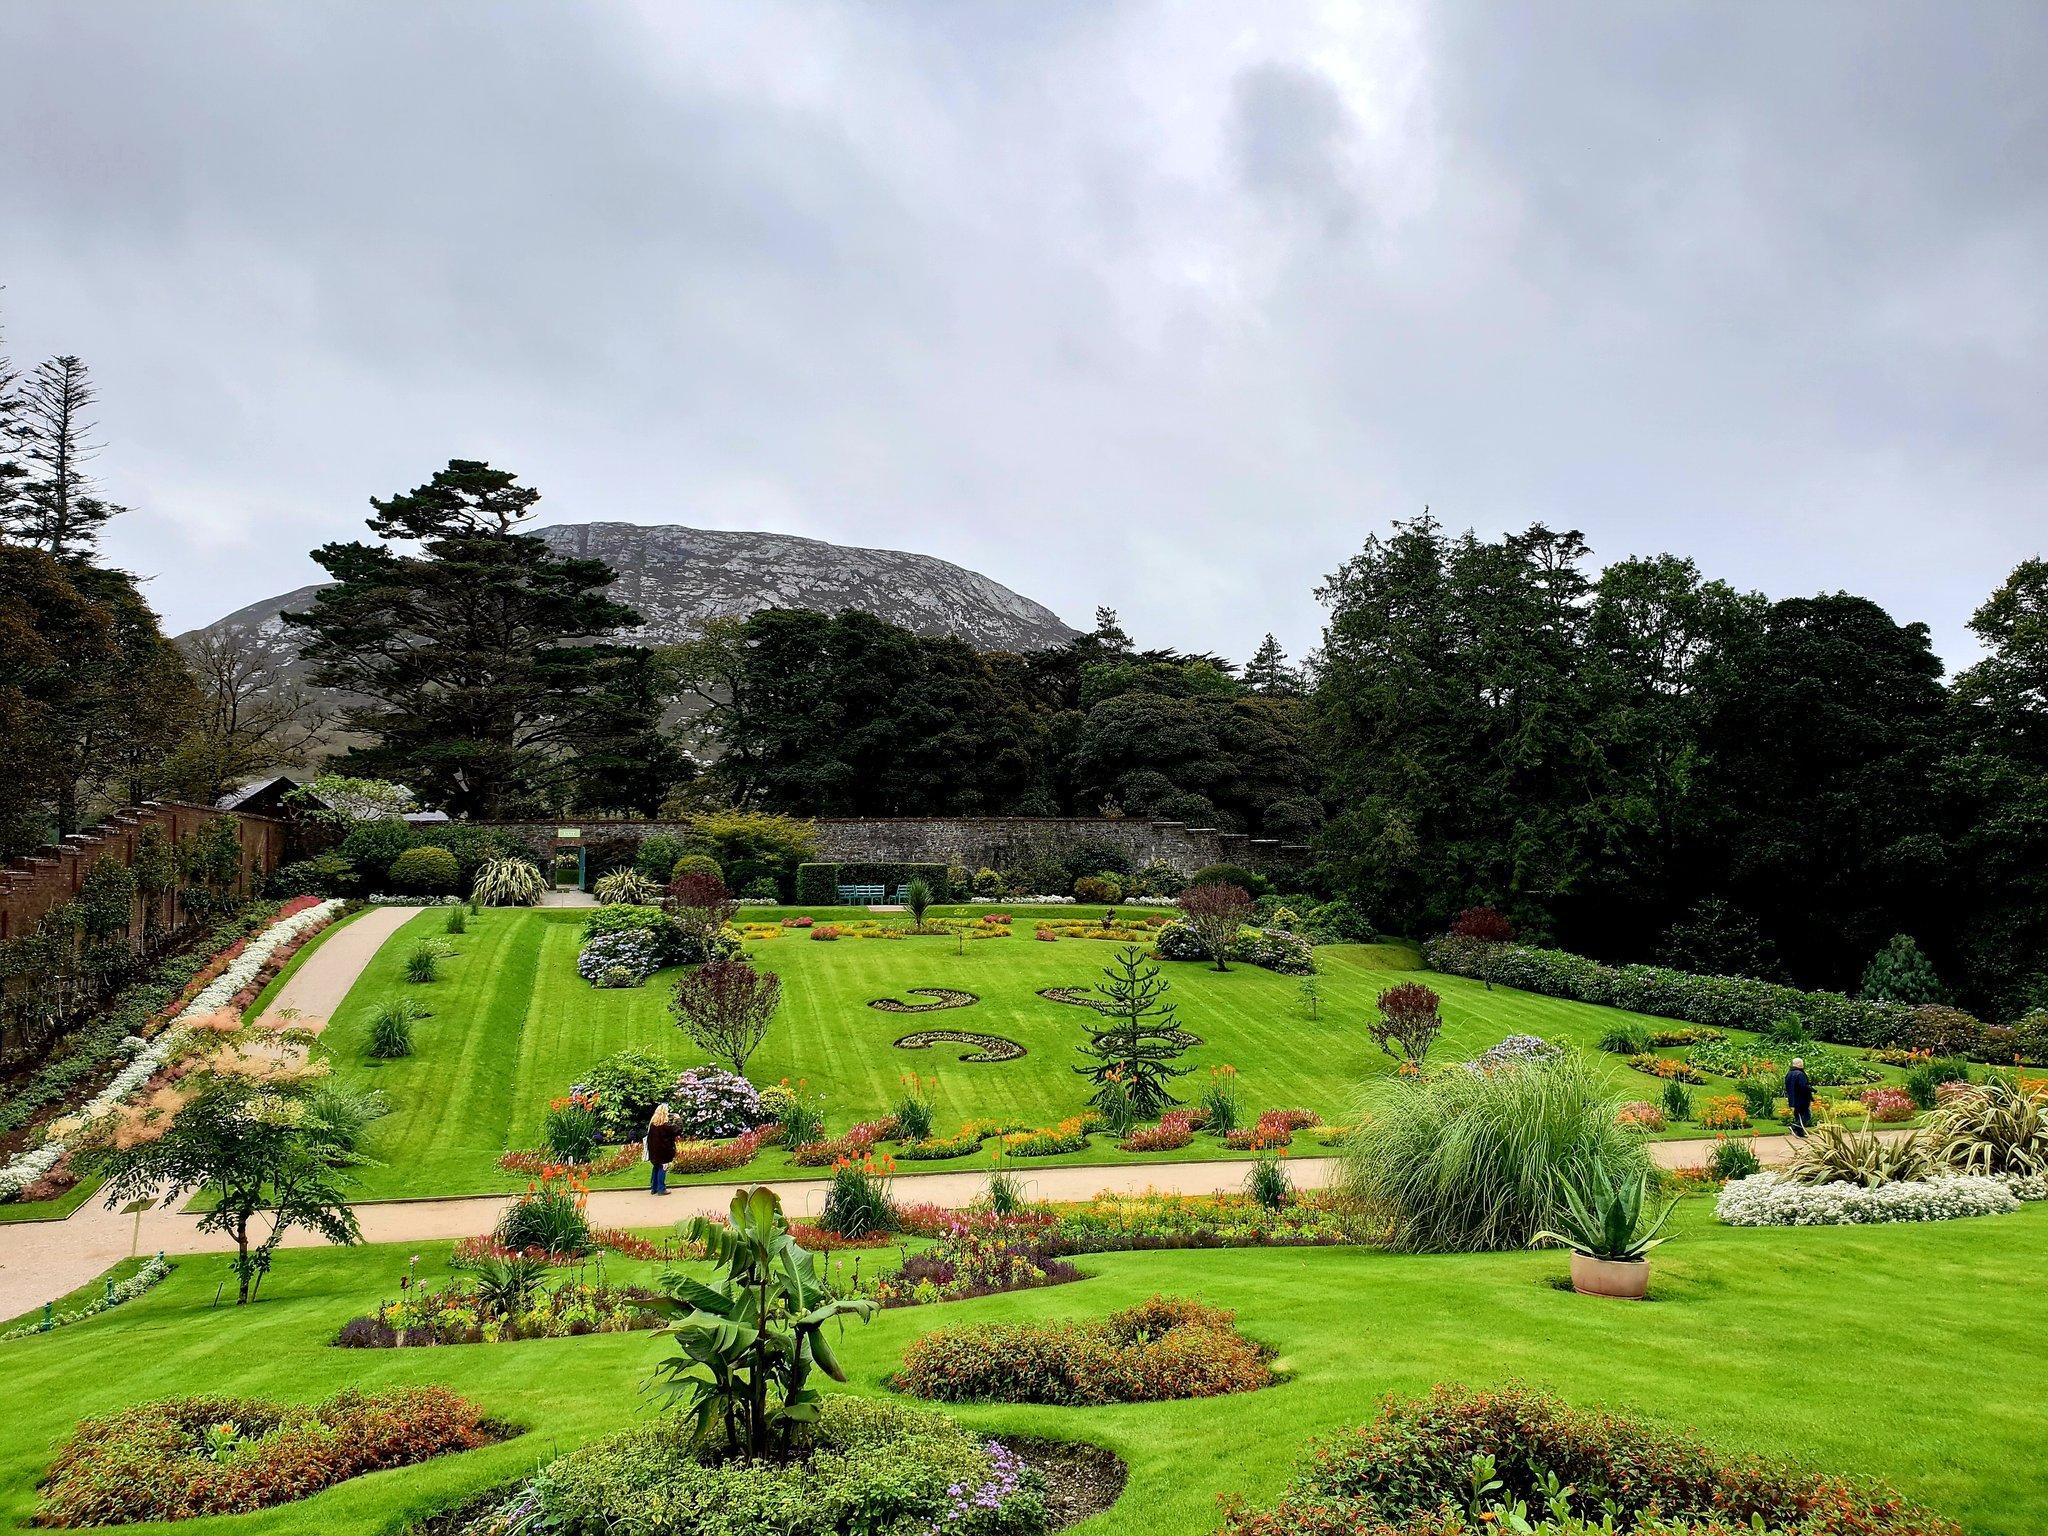 Kylemore Abbey Victorian Walled Garden Galway Ireland - Visit Galway